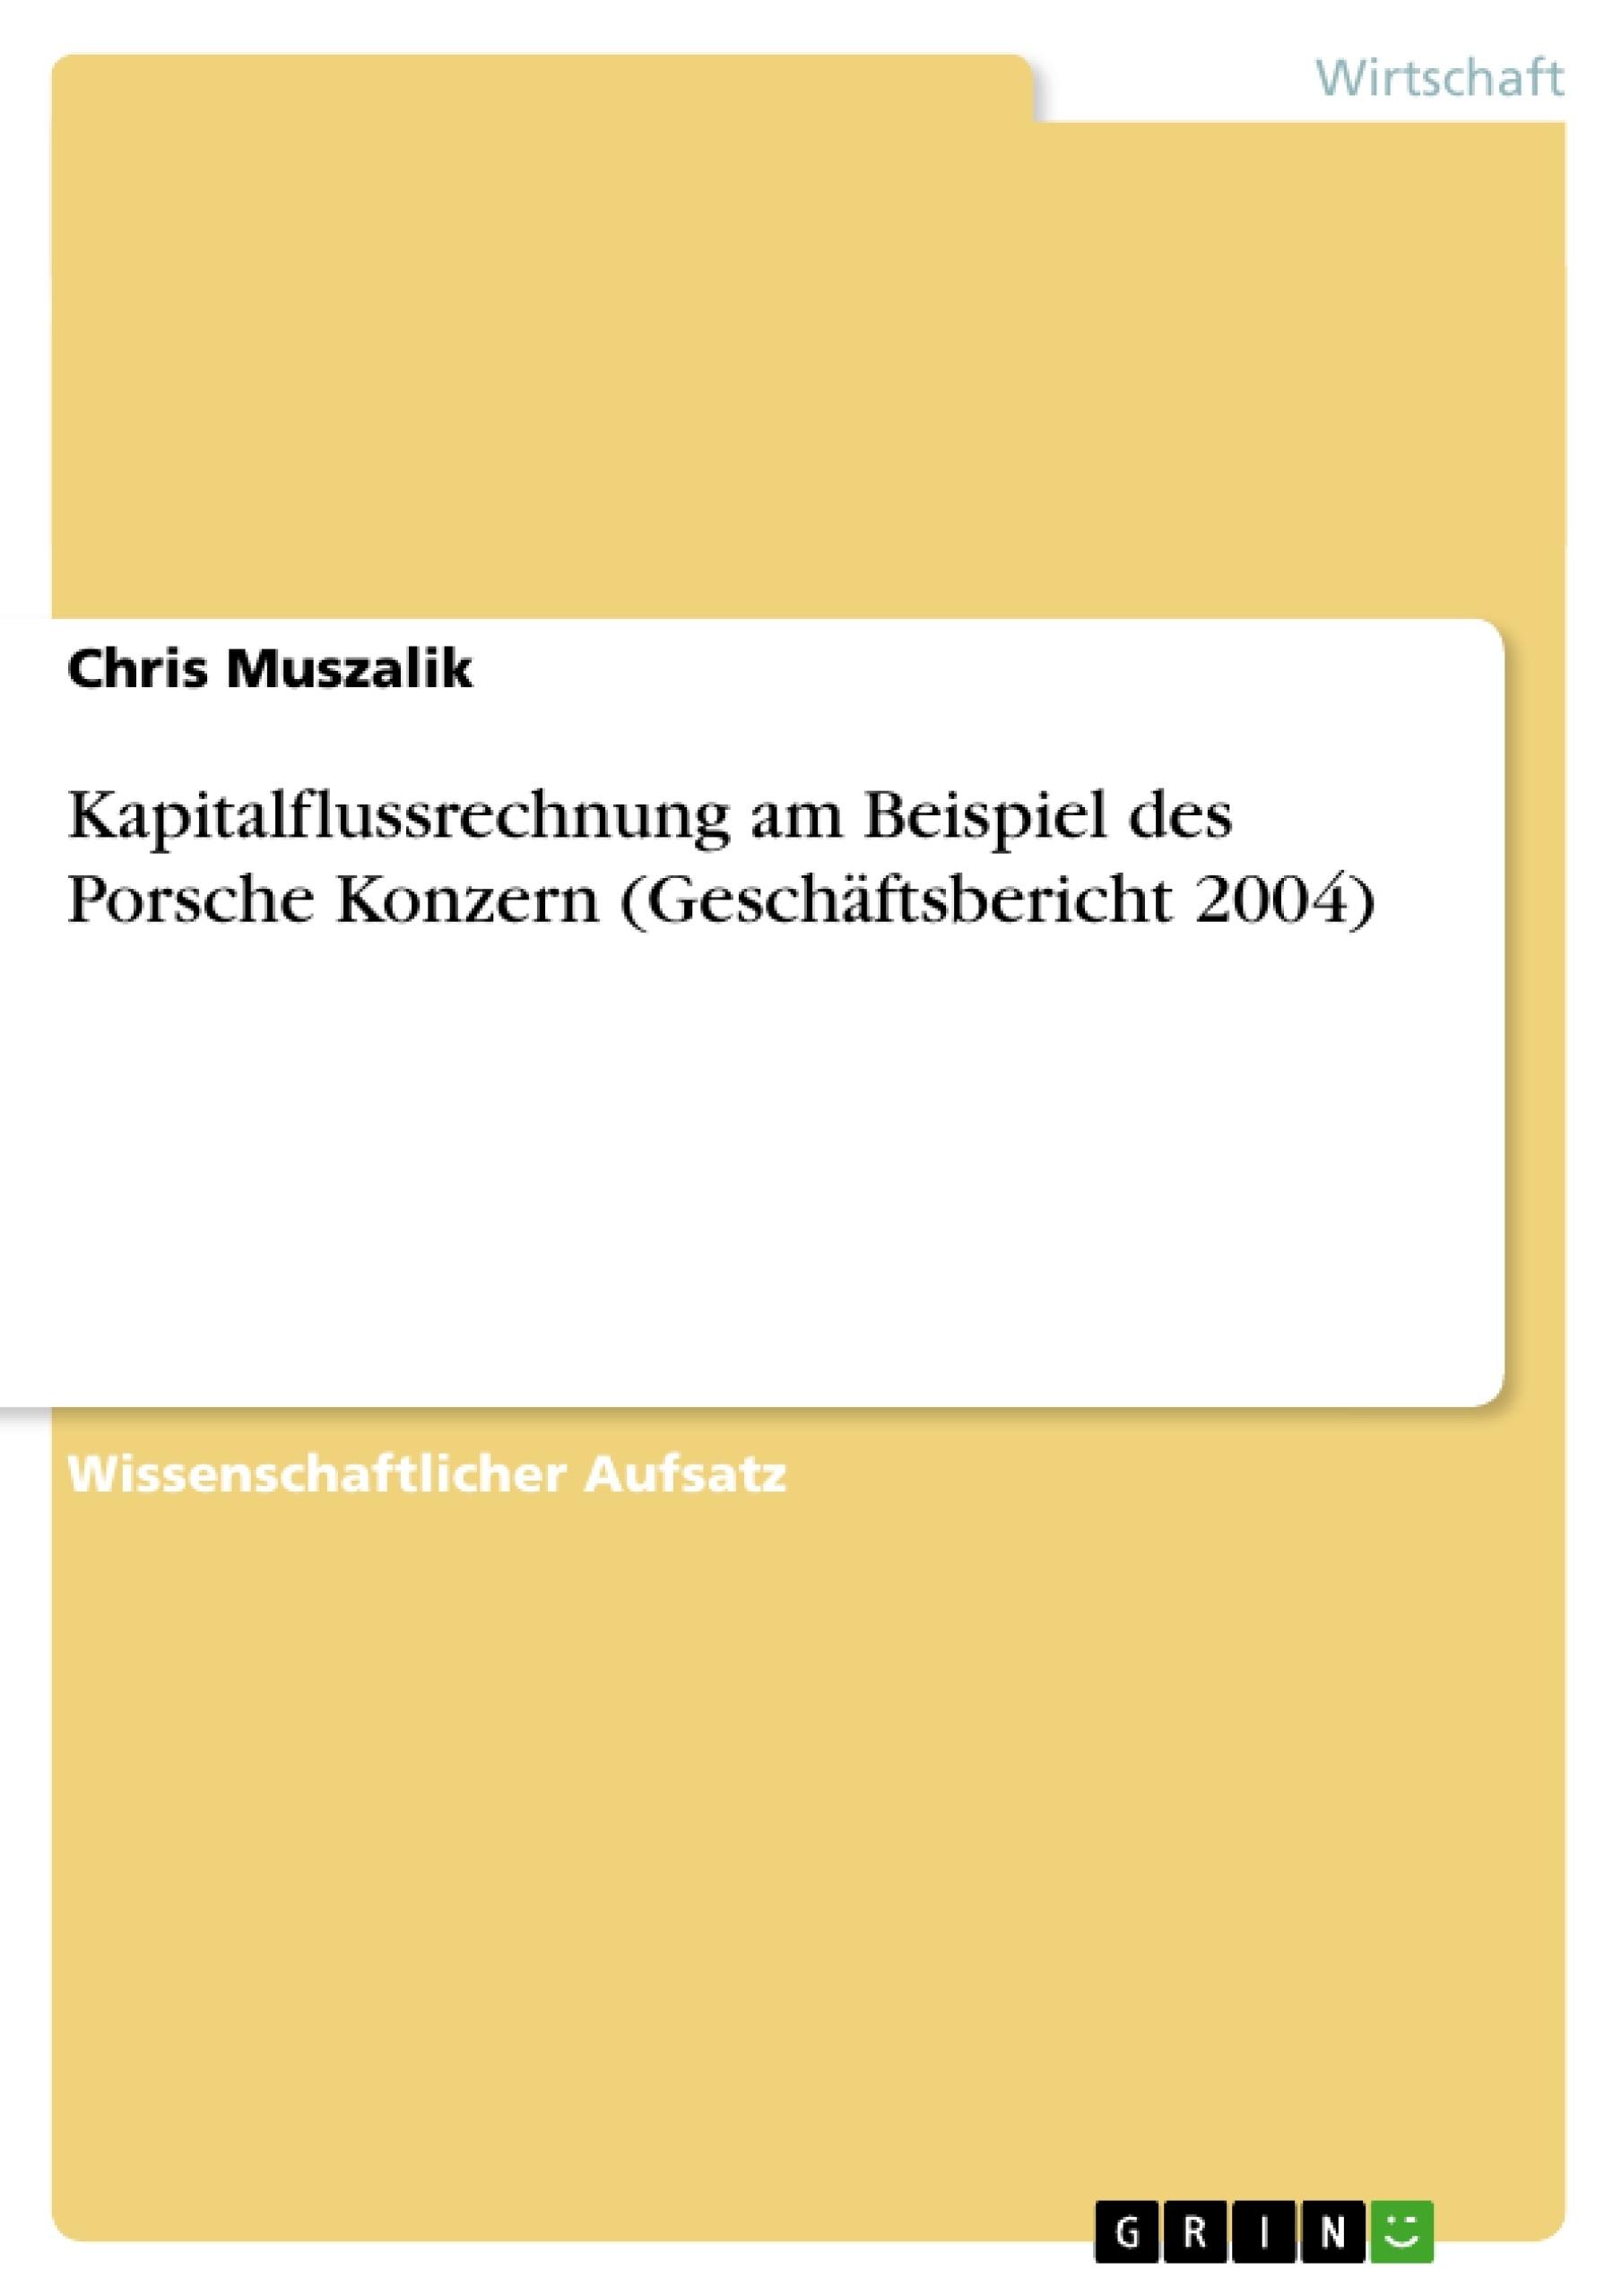 Titel: Kapitalflussrechnung am Beispiel des Porsche Konzern (Geschäftsbericht 2004)